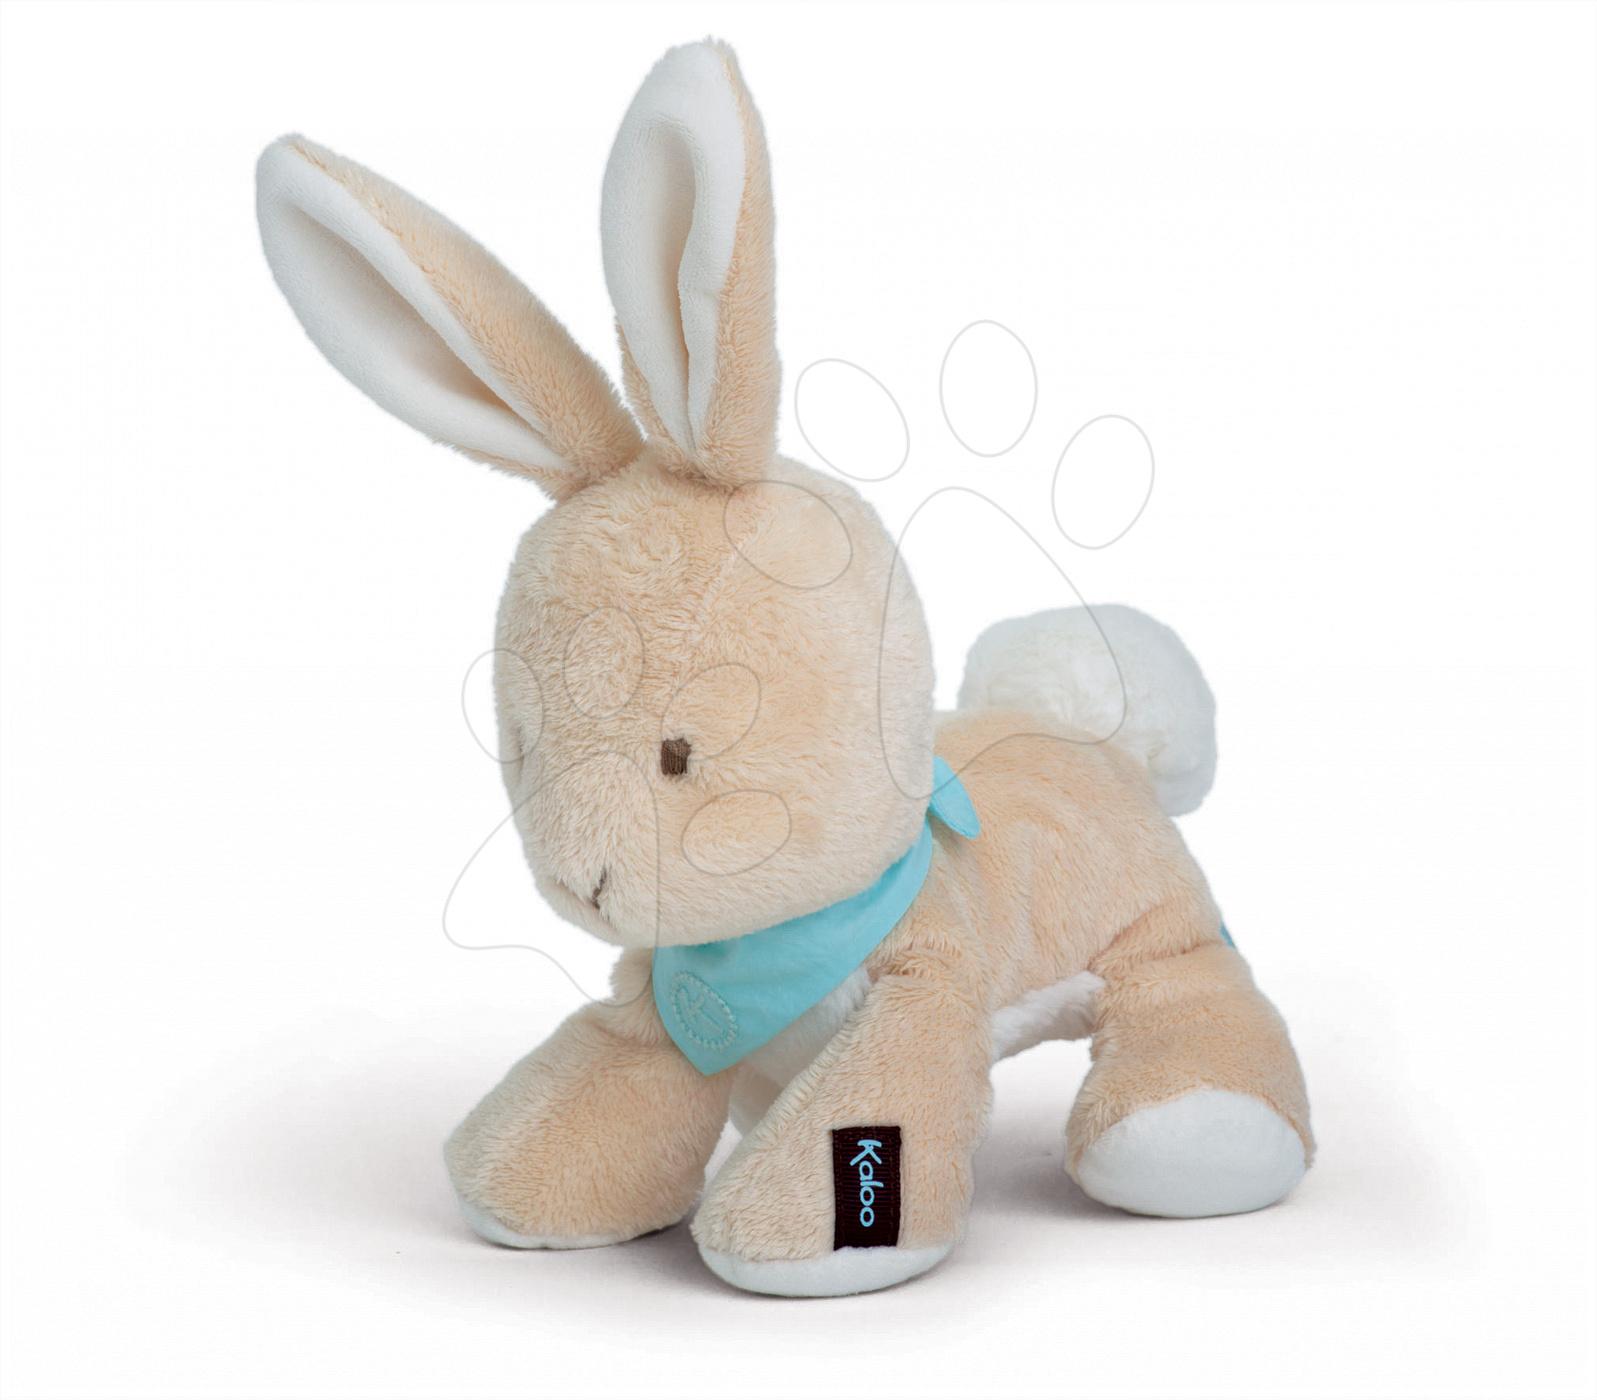 Plyšový králíček Praliné Les Amis-Lapinou Kaloo 19 cm v dárkovém balení pro nejmenší